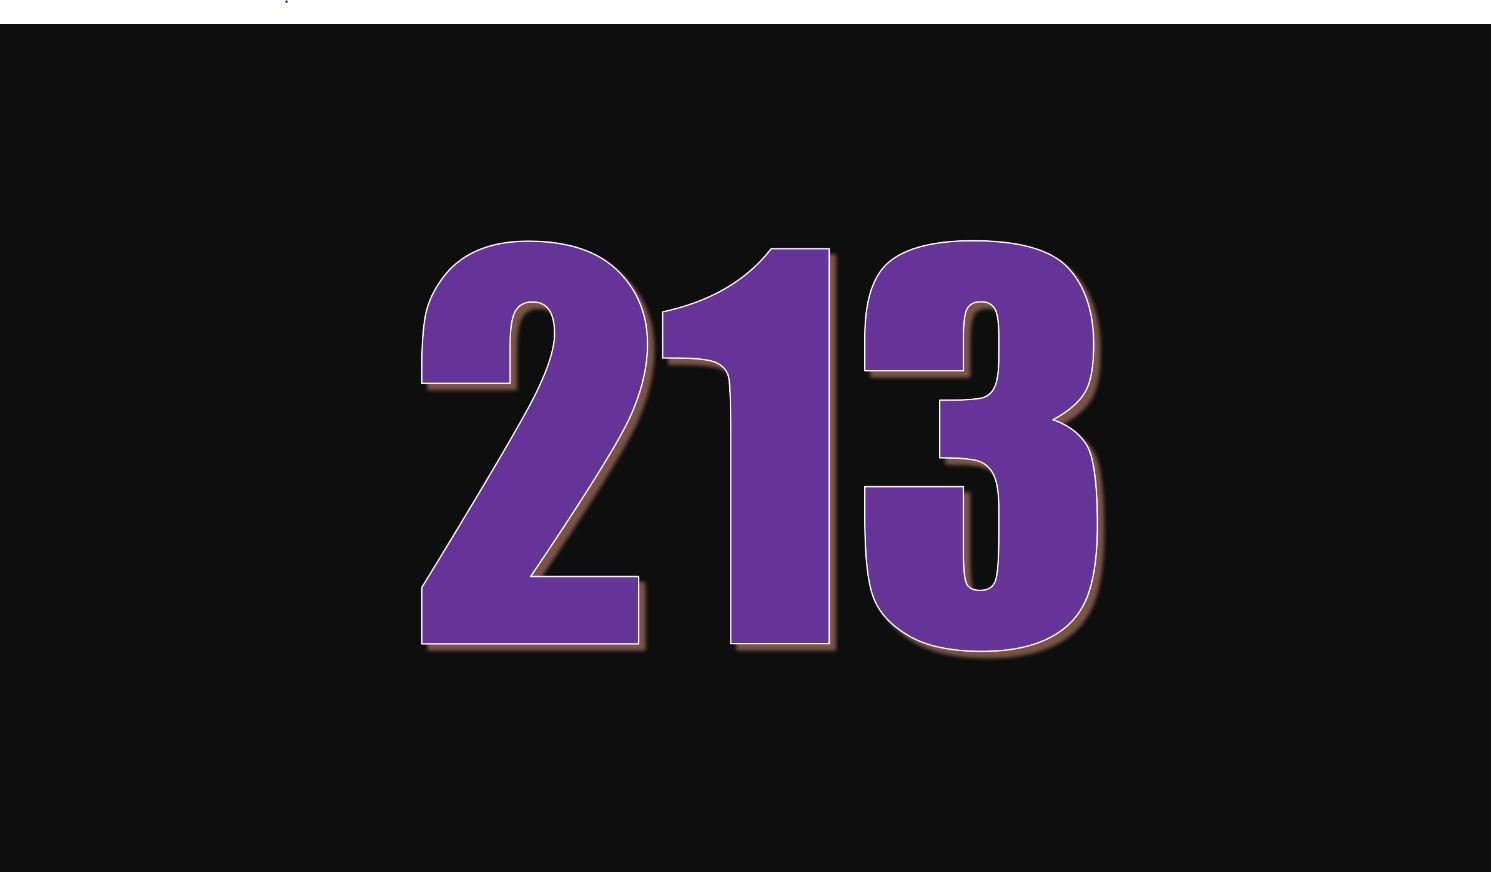 Die Bedeutung der Zahl 213